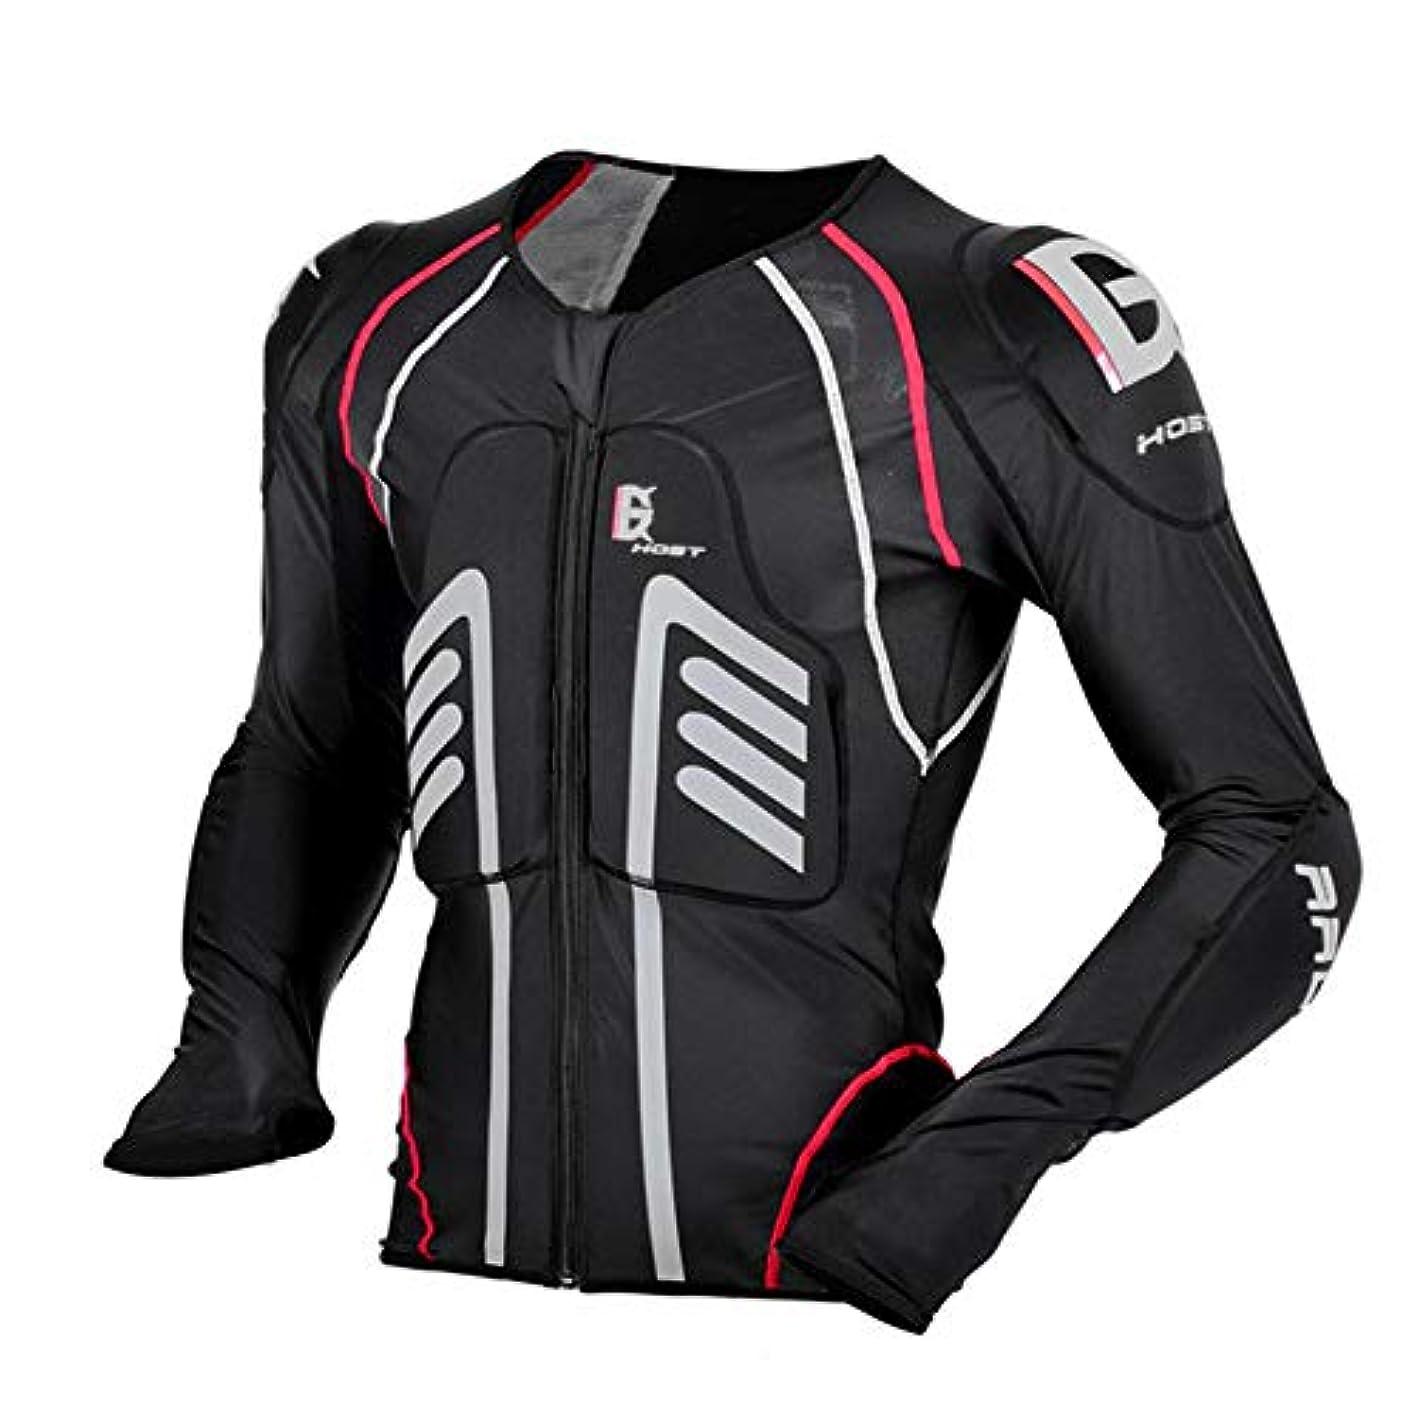 円形の時制閉塞GHOST RACING 上半身用ボディープロテクター 脊椎 胸部ガード チェスト バイクレーシング ツーリング ハードエルバー 安全